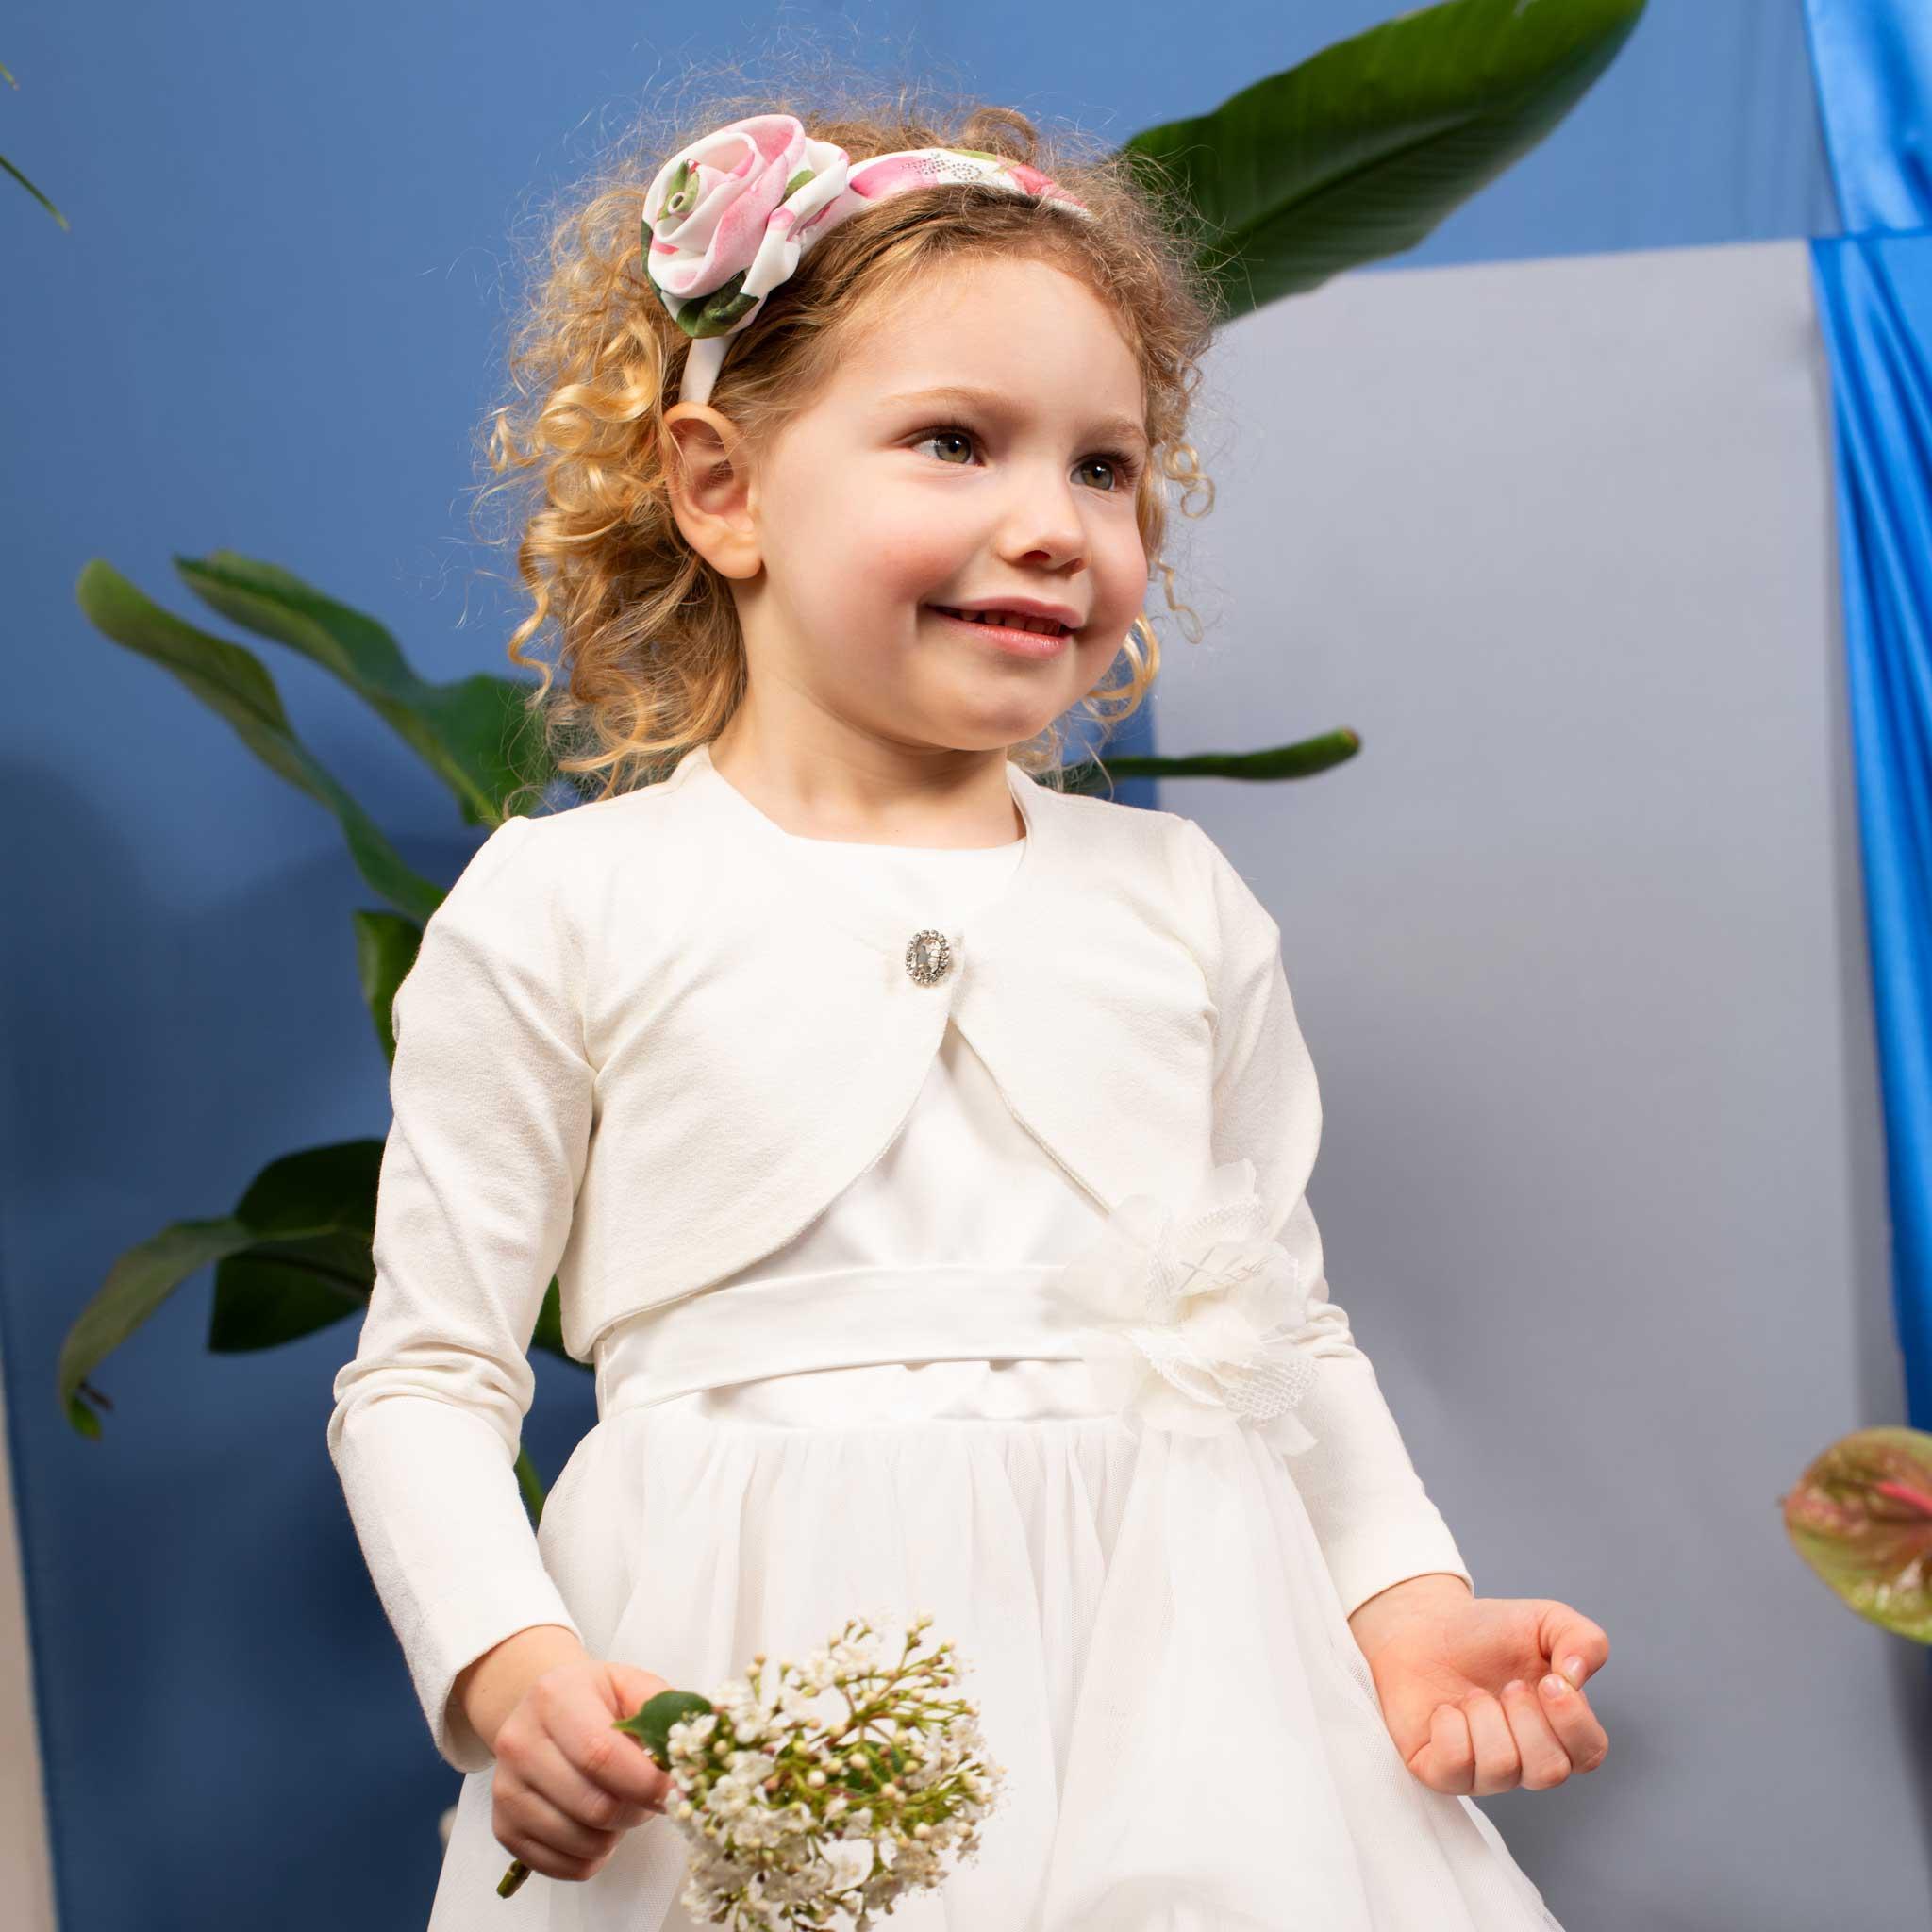 2645ae796068 Abiti cerimonia bambini Abiti cerimonia per bambini. Abiti da cerimonia  bambini. Ma per il look ...